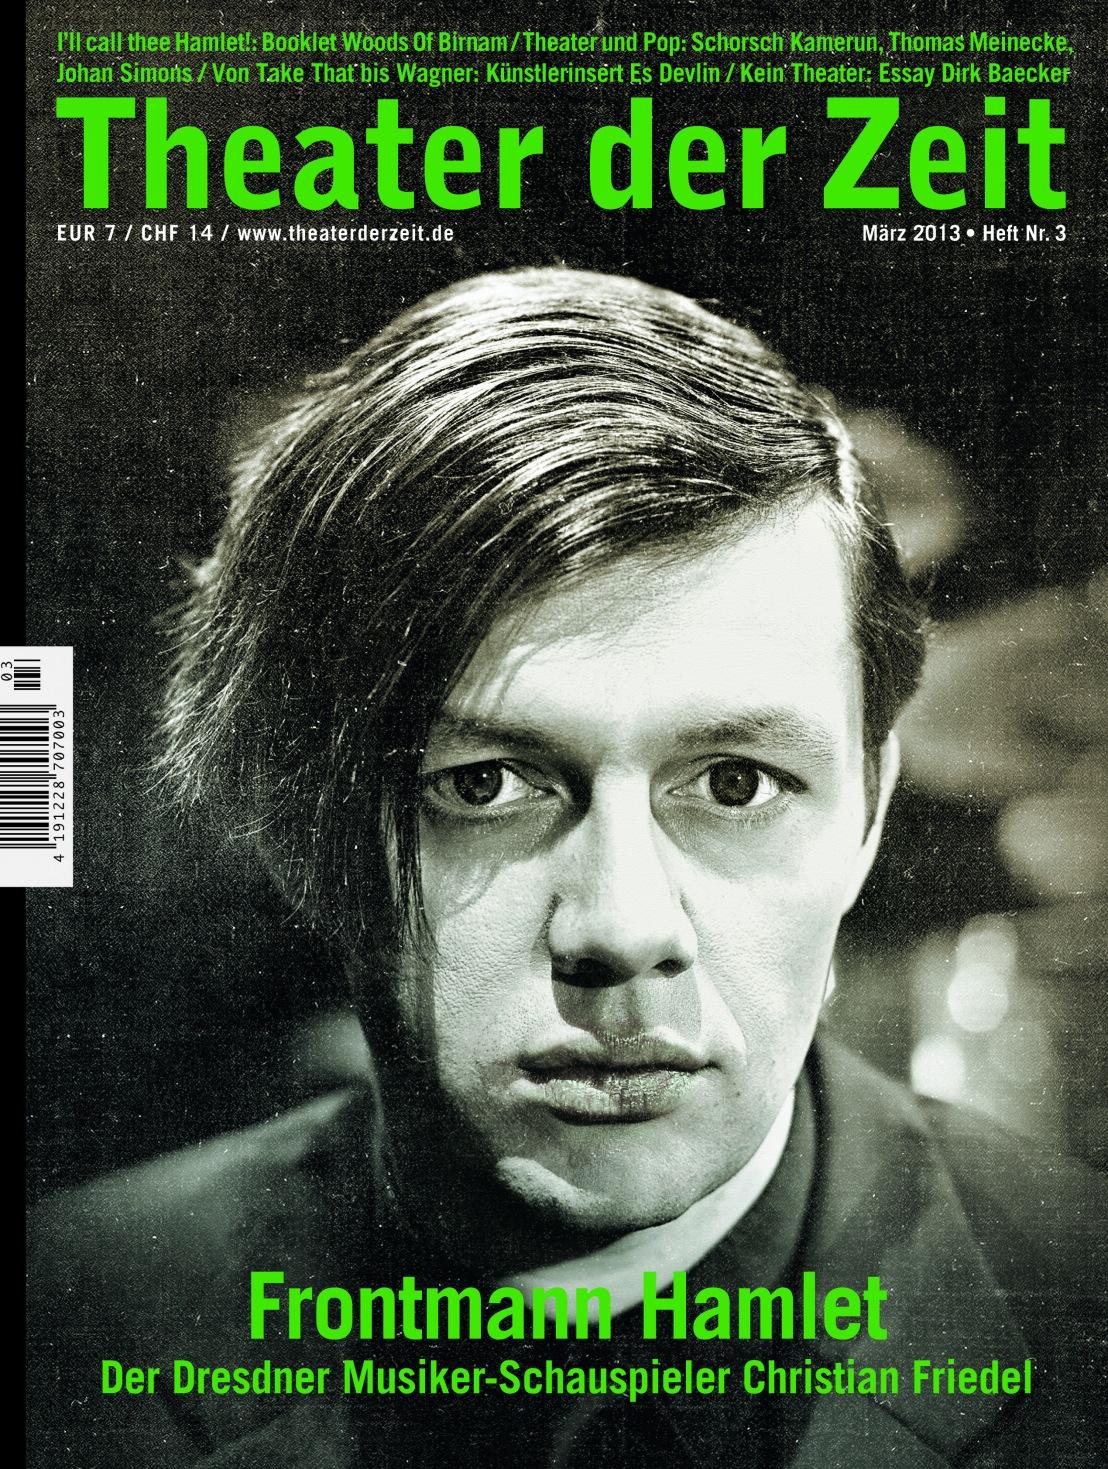 Theater der Zeit 3/2013